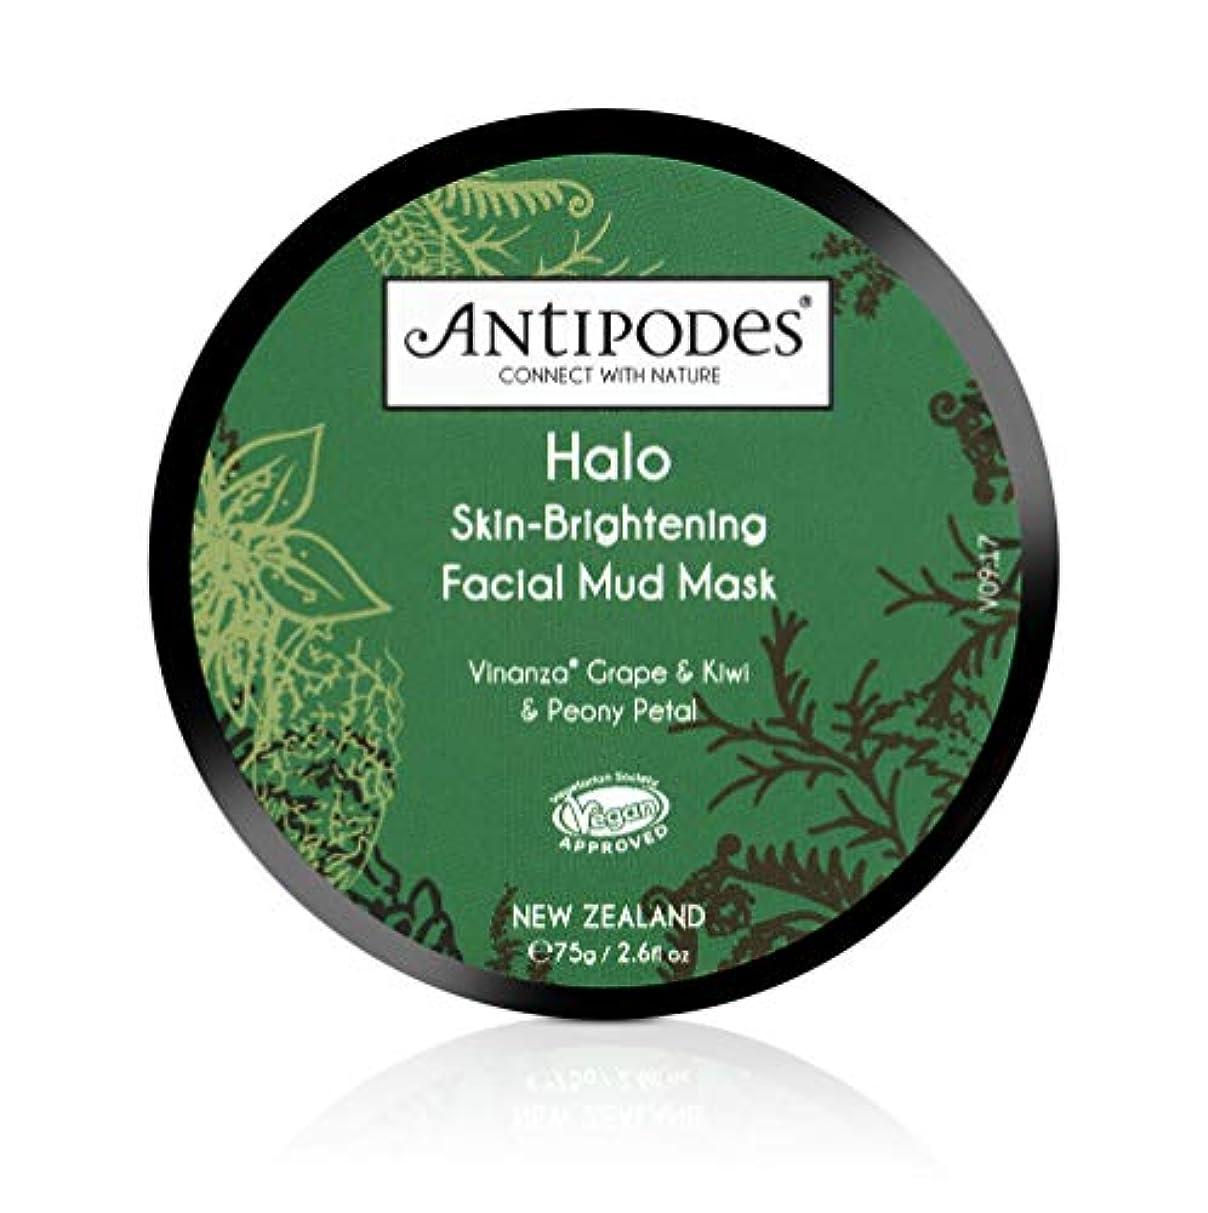 冗談でラベンダー刈るAntipodes(アンティポディース) ヘイロー ボルカニックマッドマスク